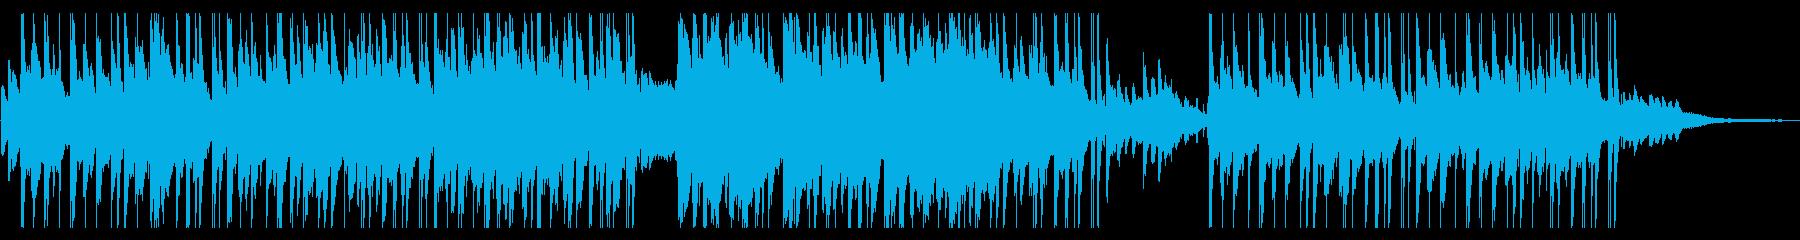 切ないピアノメインのHIPHOP風の再生済みの波形